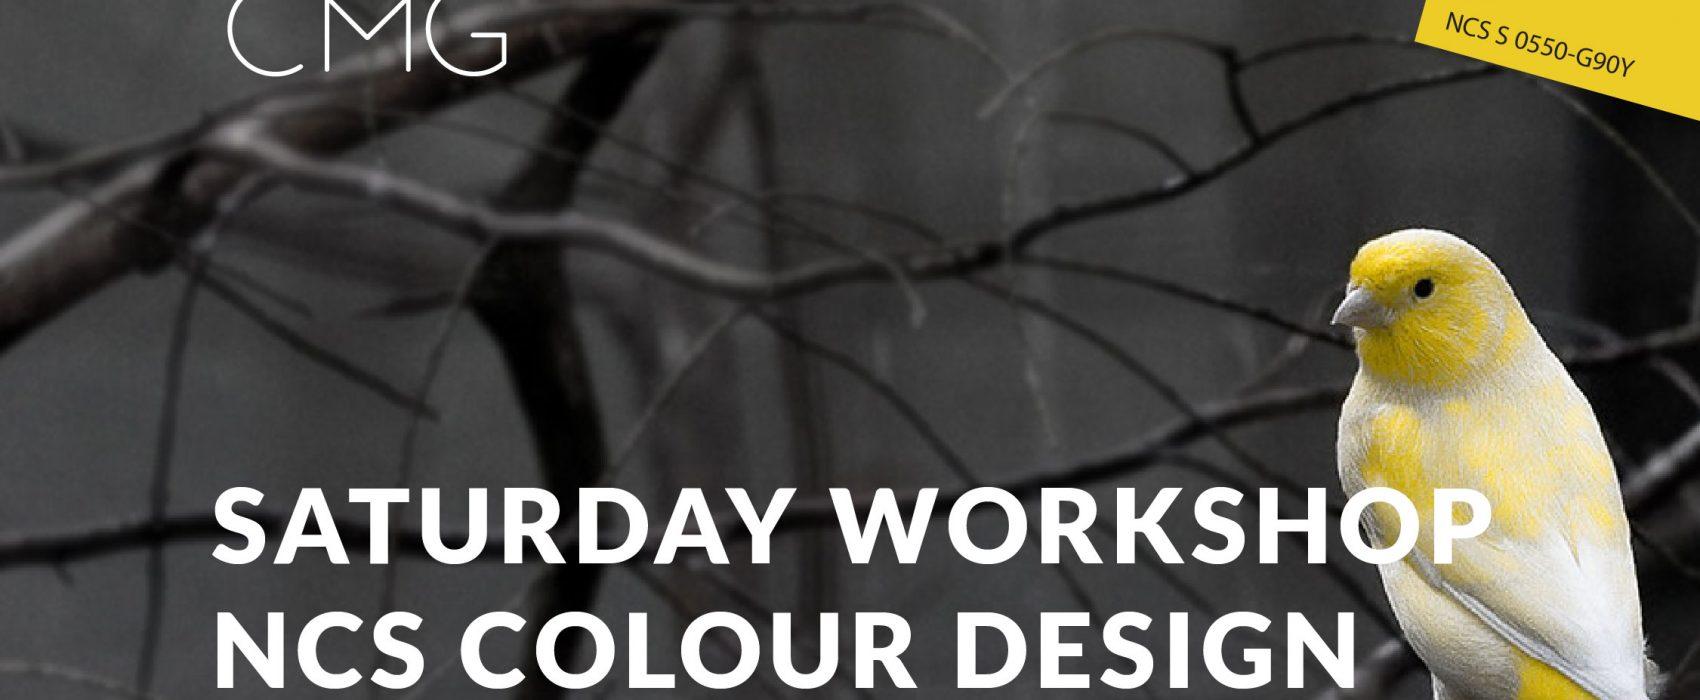 NCS Colour Design